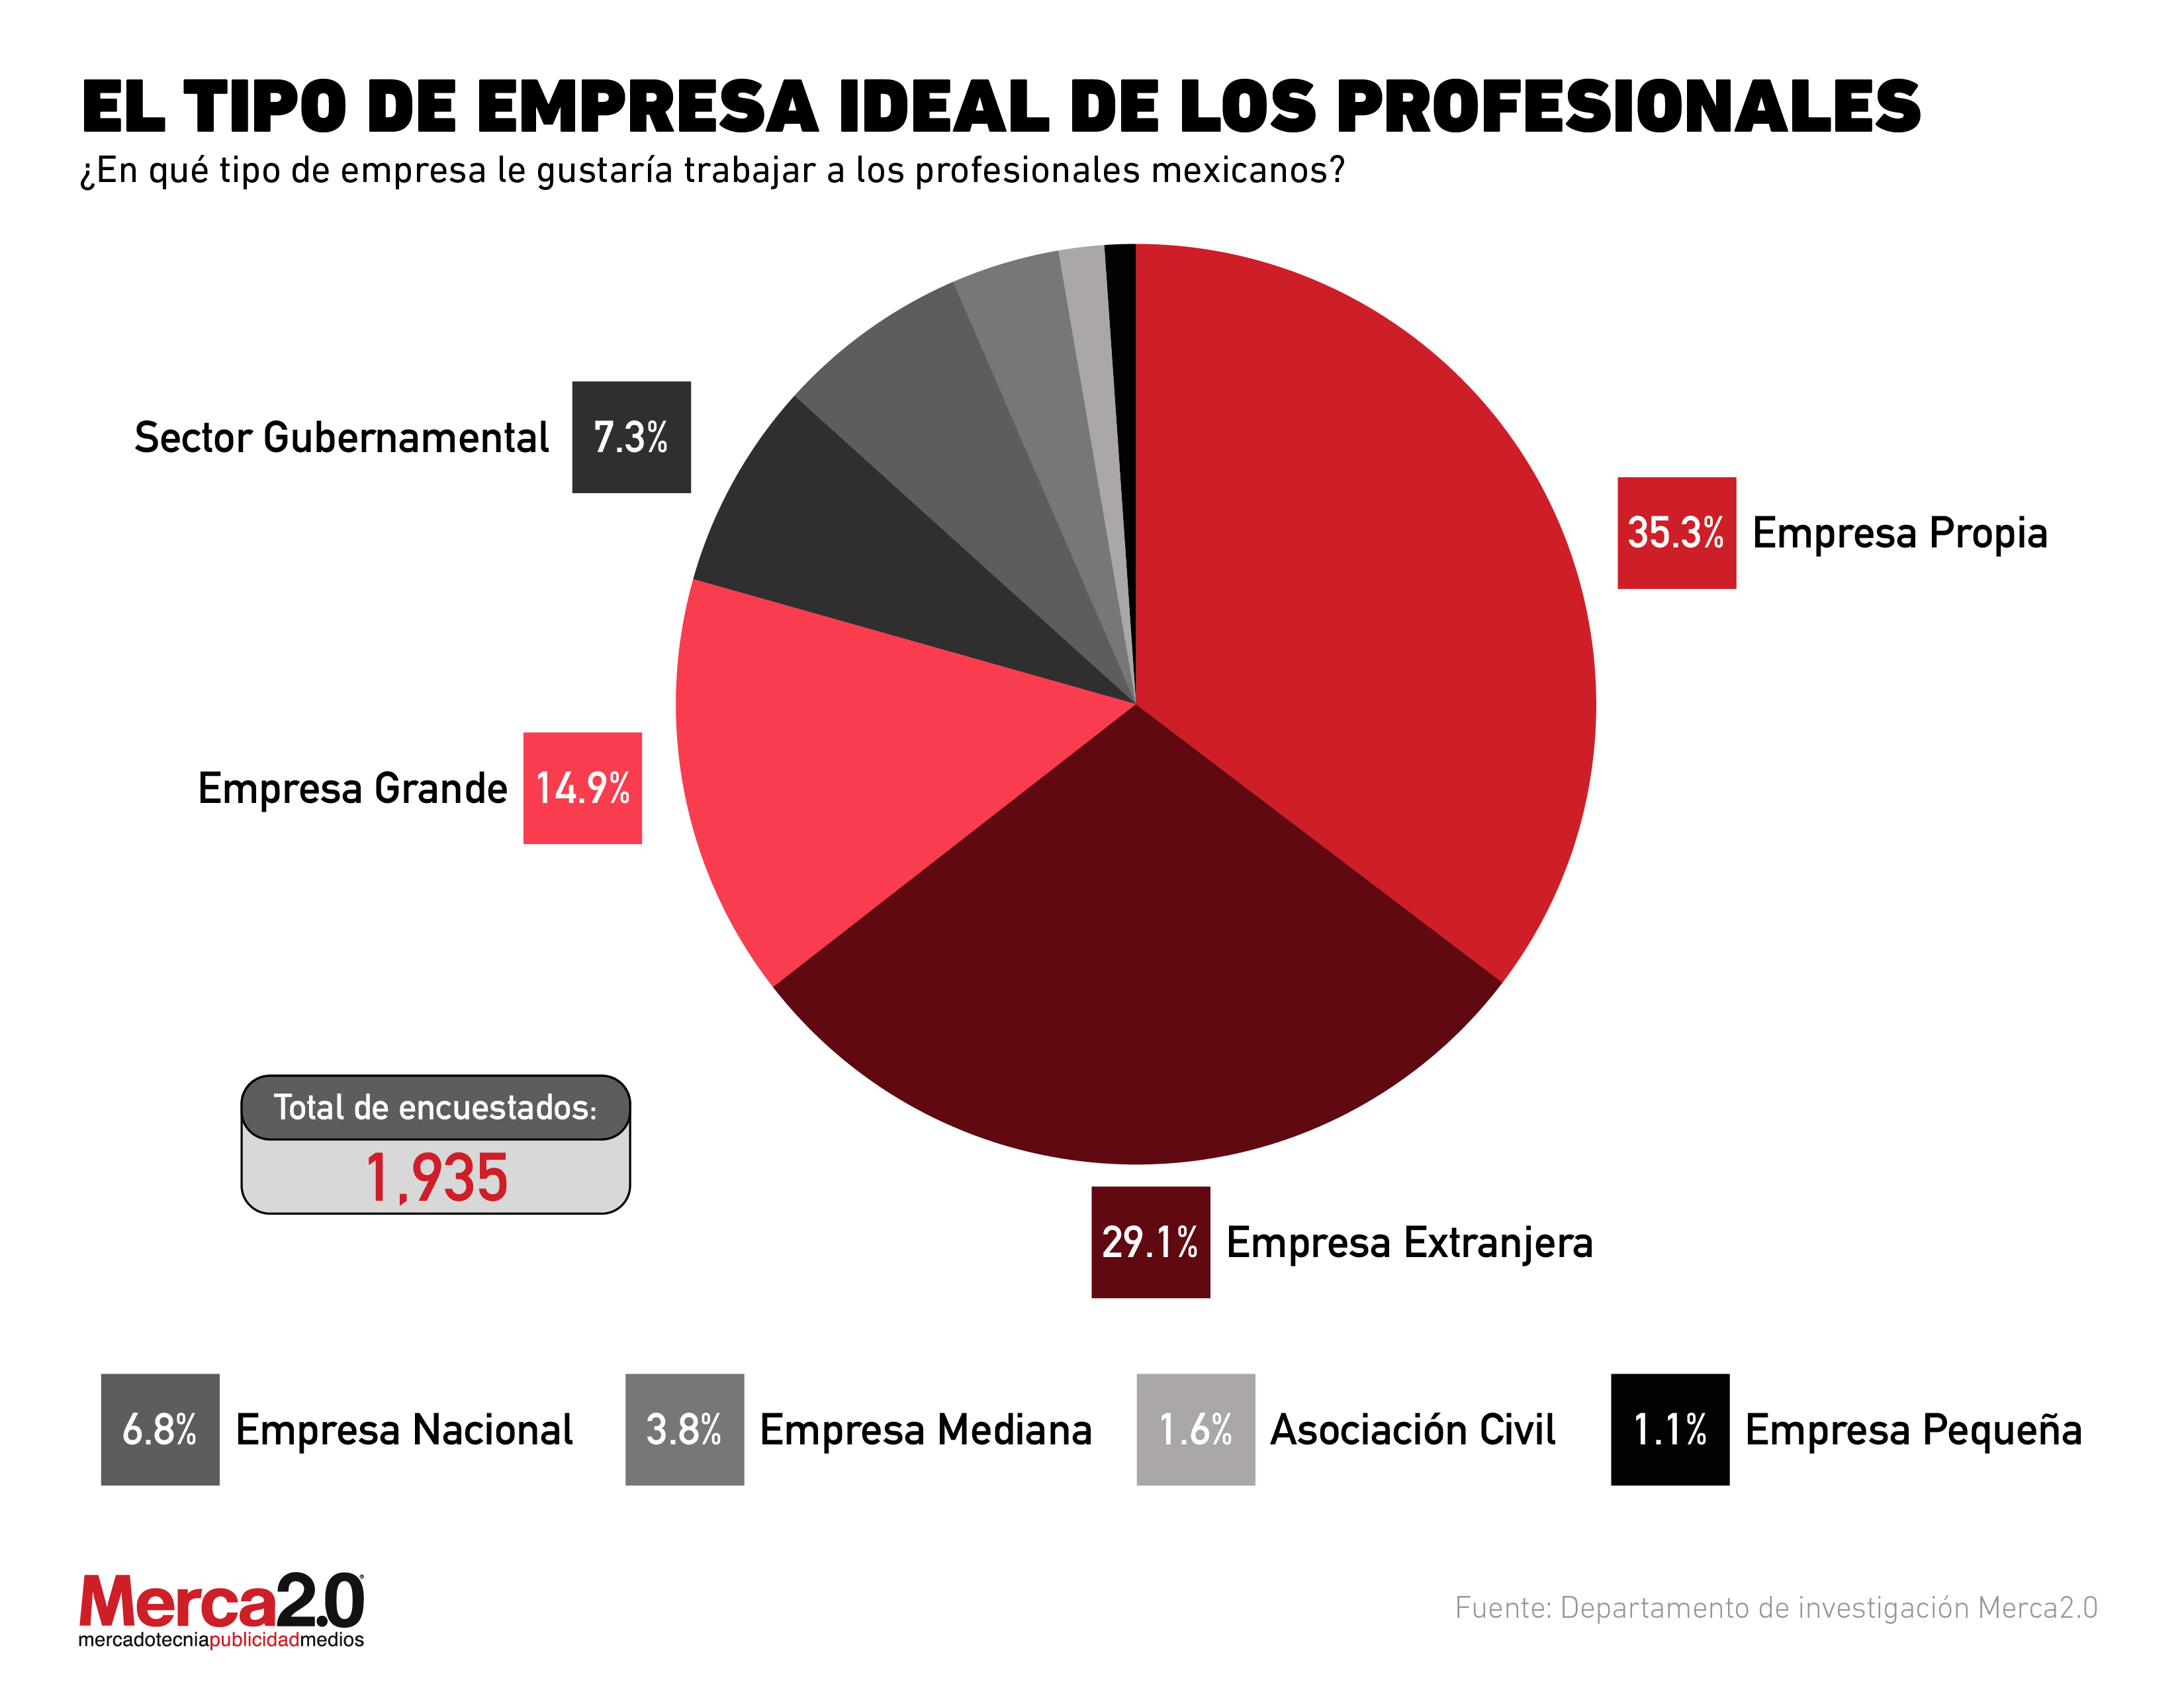 ¿En qué empresas quieren trabajar los profesionales mexicanos?